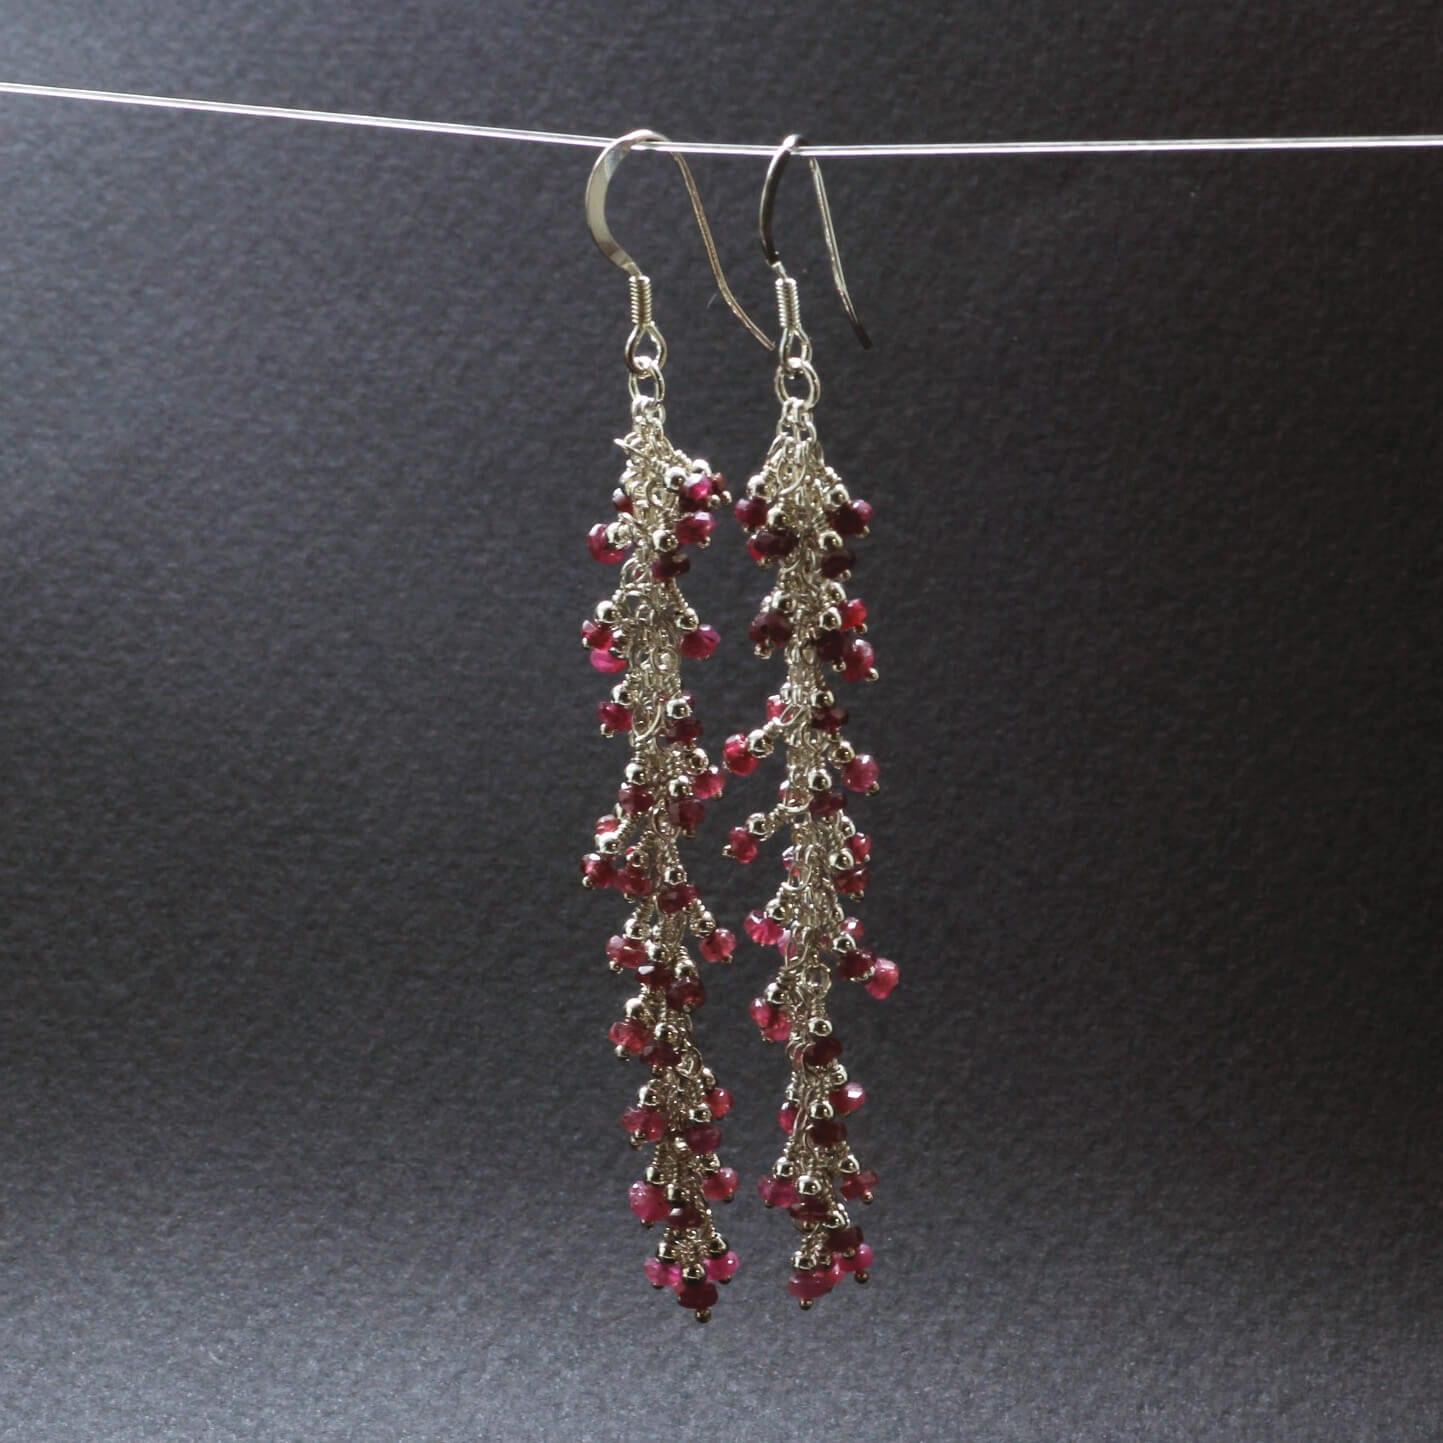 Pink Sapphire gemstone Sterling Silver earrings handmade